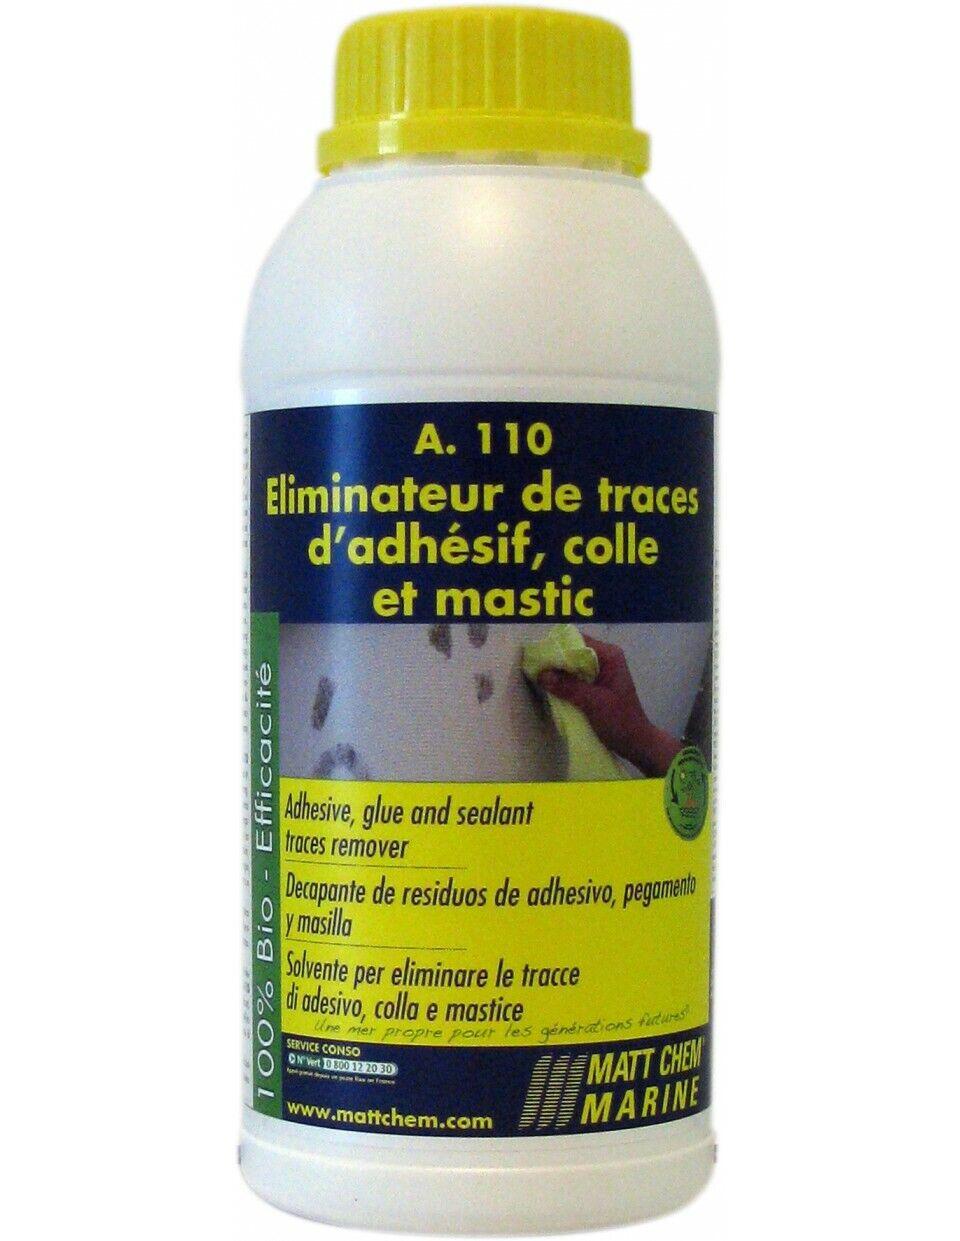 A.110 ELIMINATOR OF TRACE D 'ADHESIVE ET DE GLUE MATT CHEM 949M.0.5